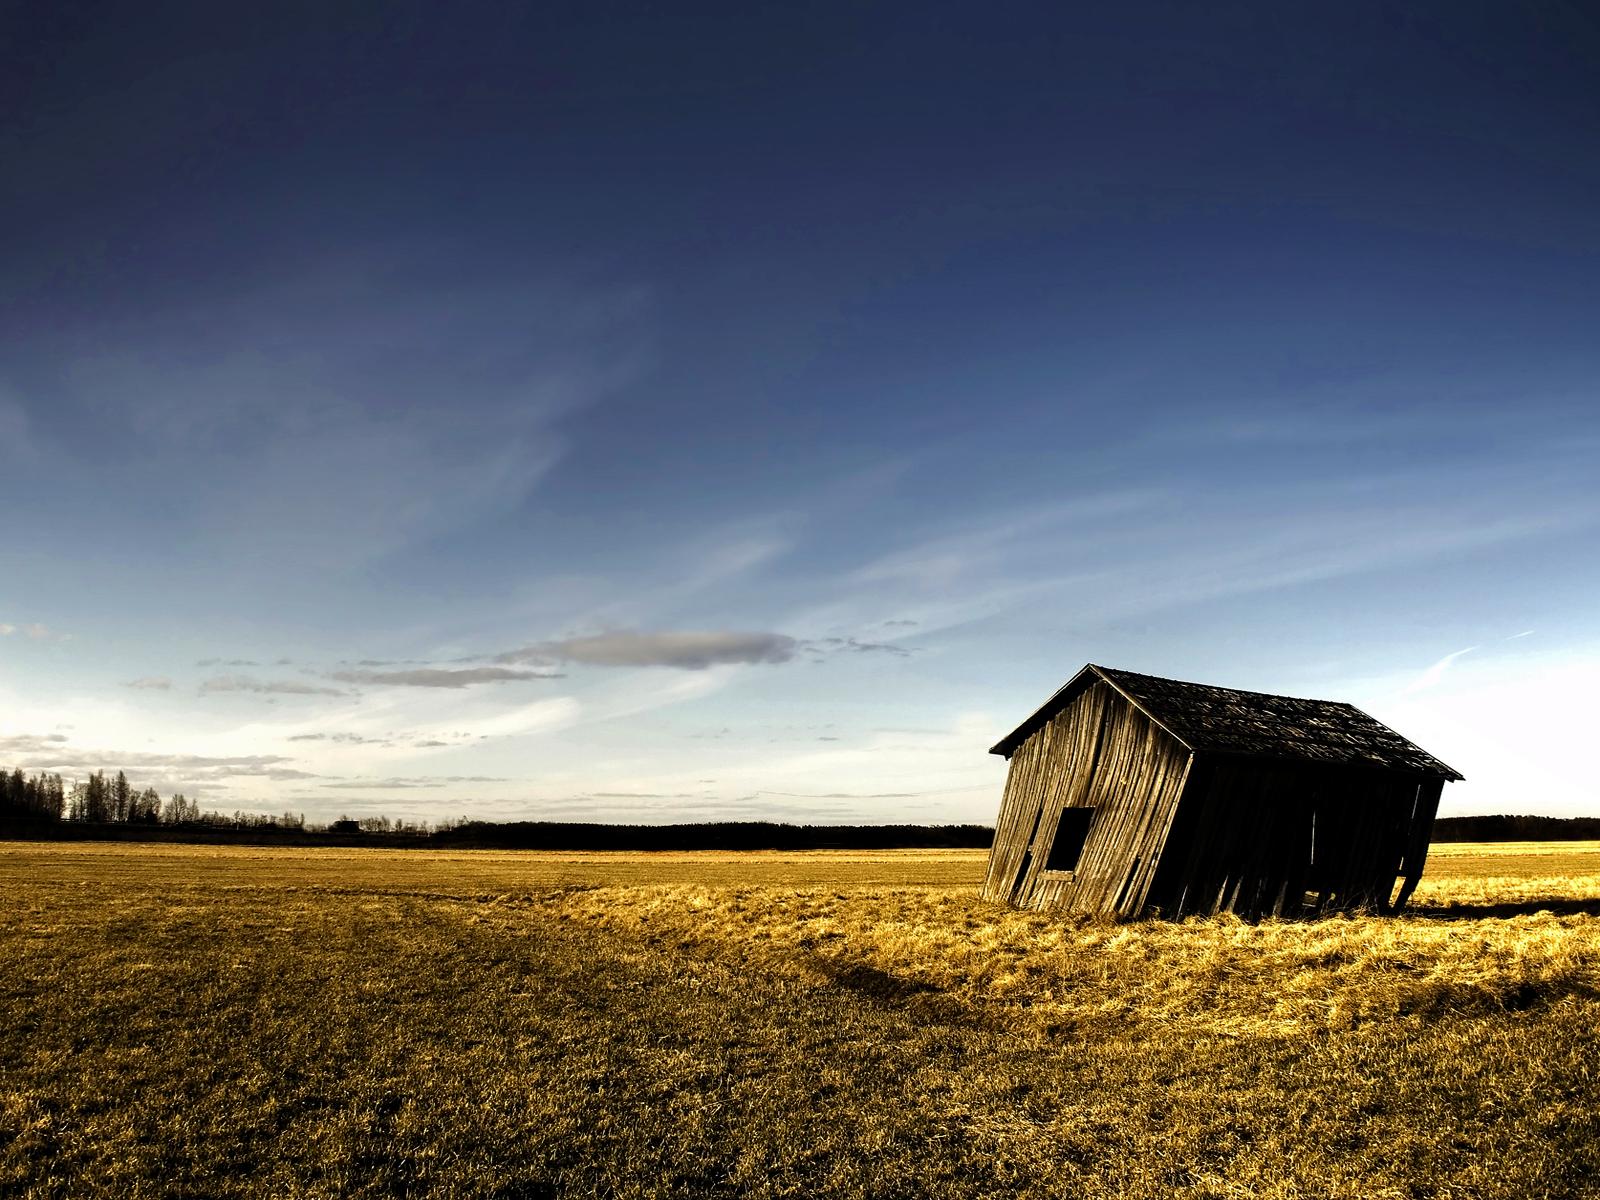 http://4.bp.blogspot.com/-gK1qShdRG2o/ToCailD-fLI/AAAAAAAAAdo/-CAlYesReqg/s1600/windy-prairie-wall-inkbluesky.png